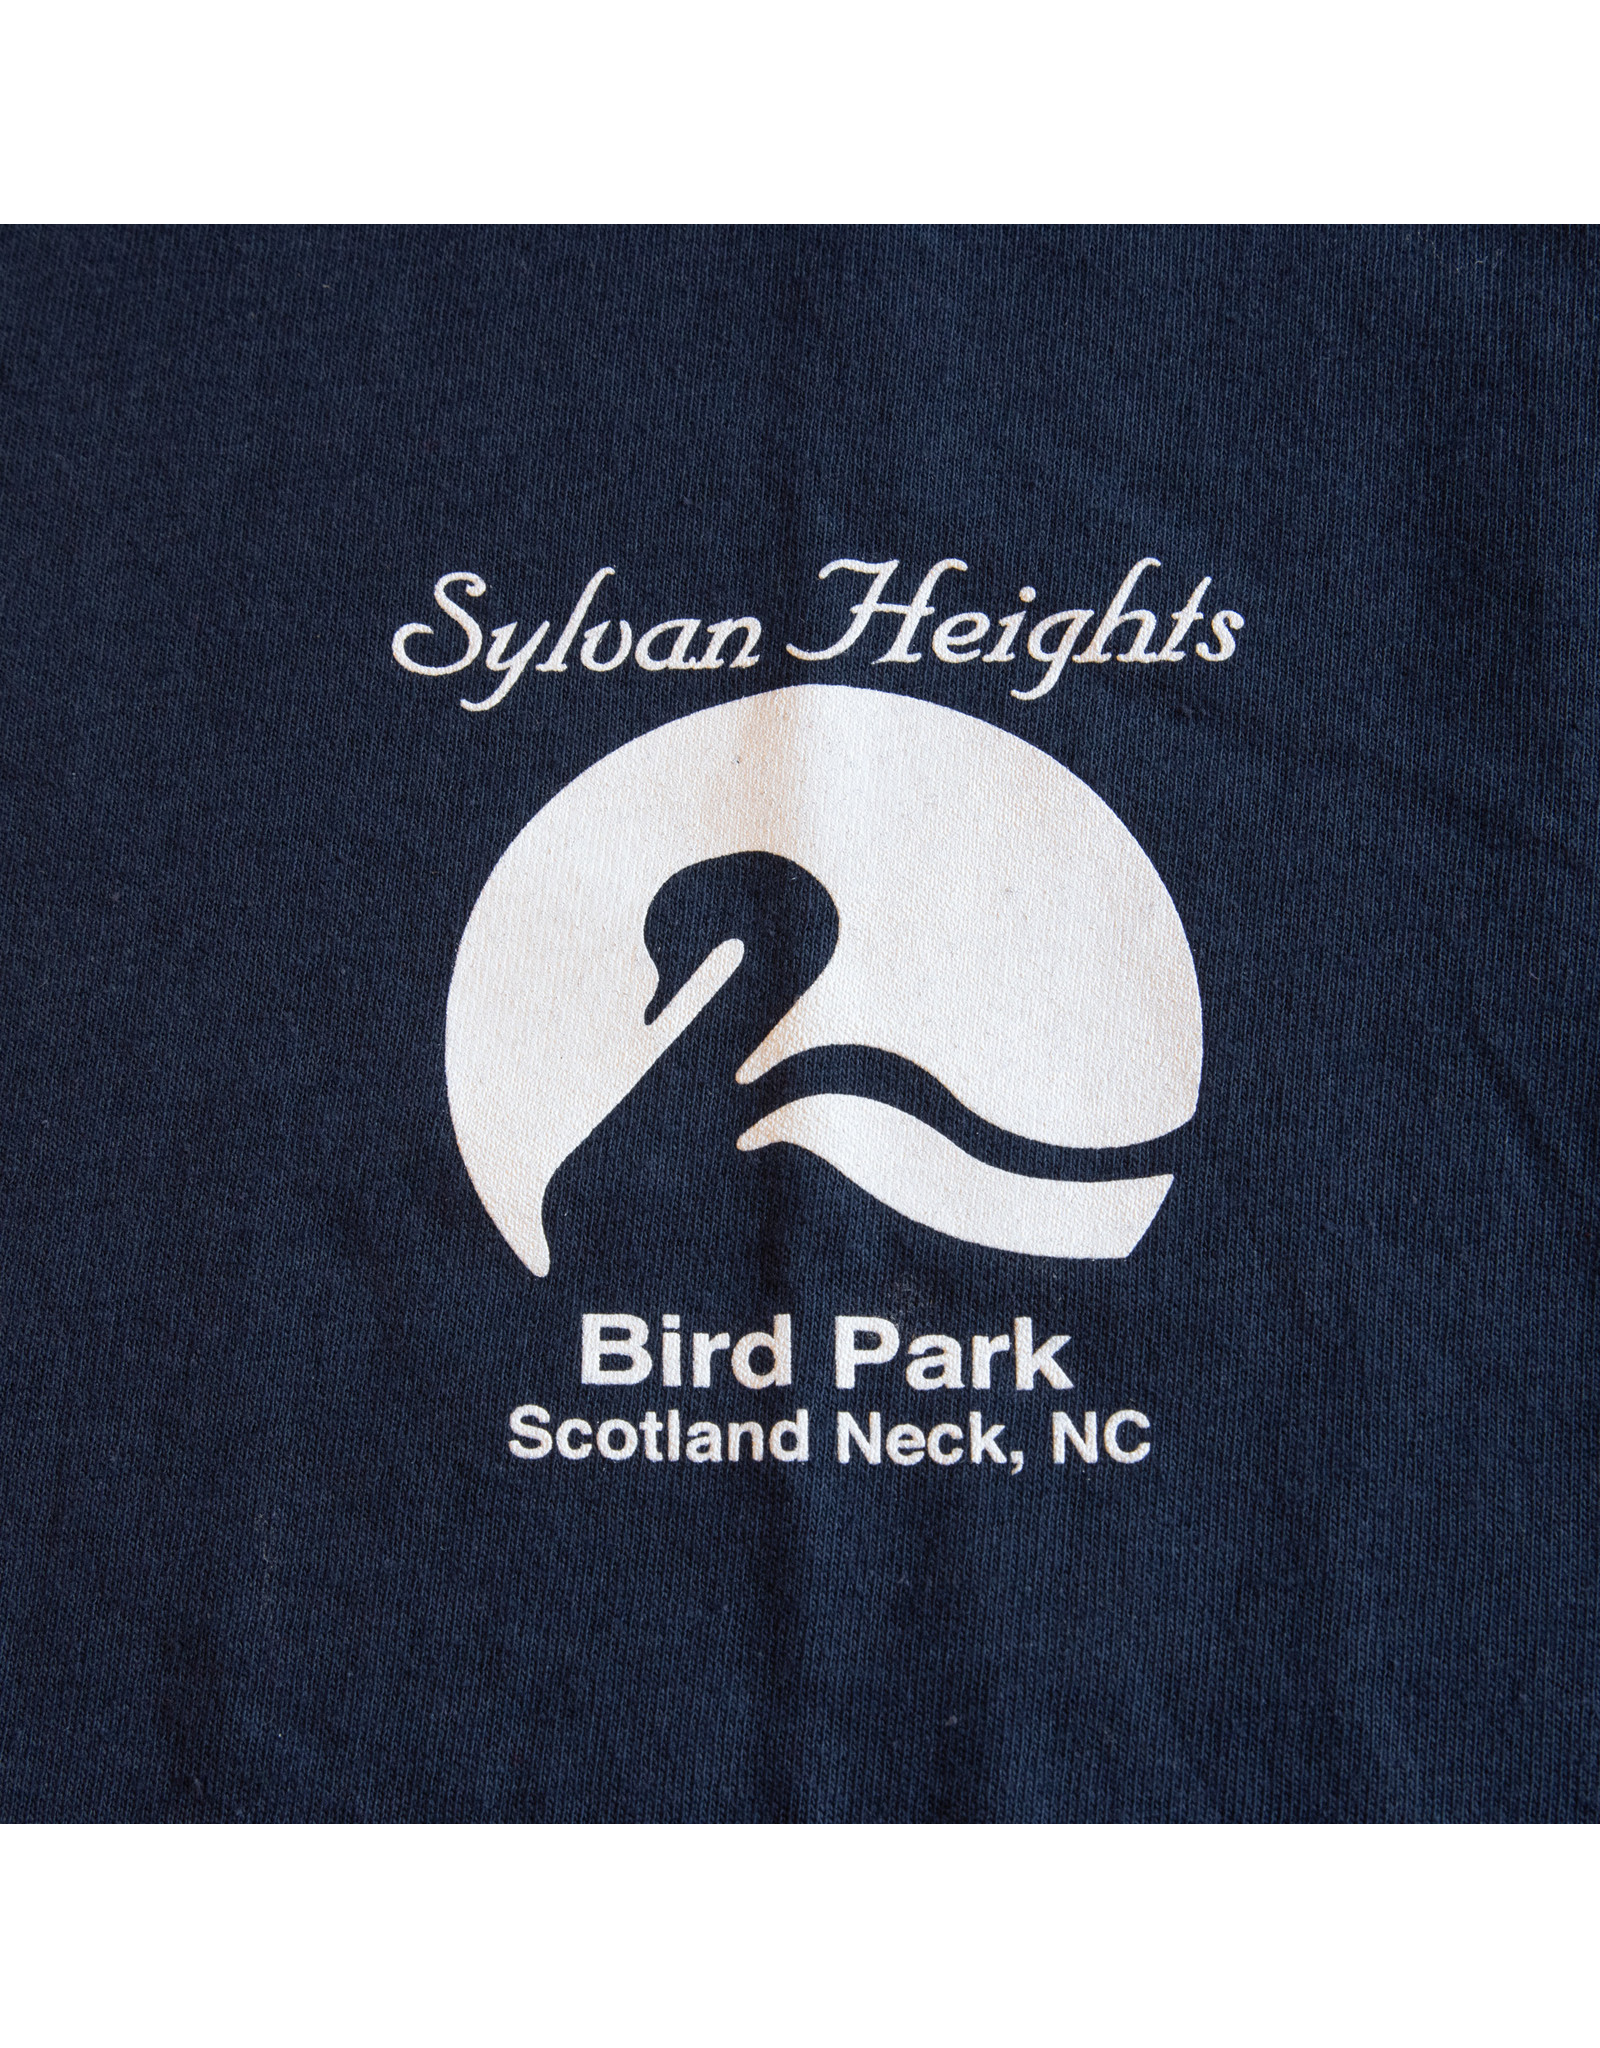 Logo T-shirt - Adult Sizes 2XL & 3X